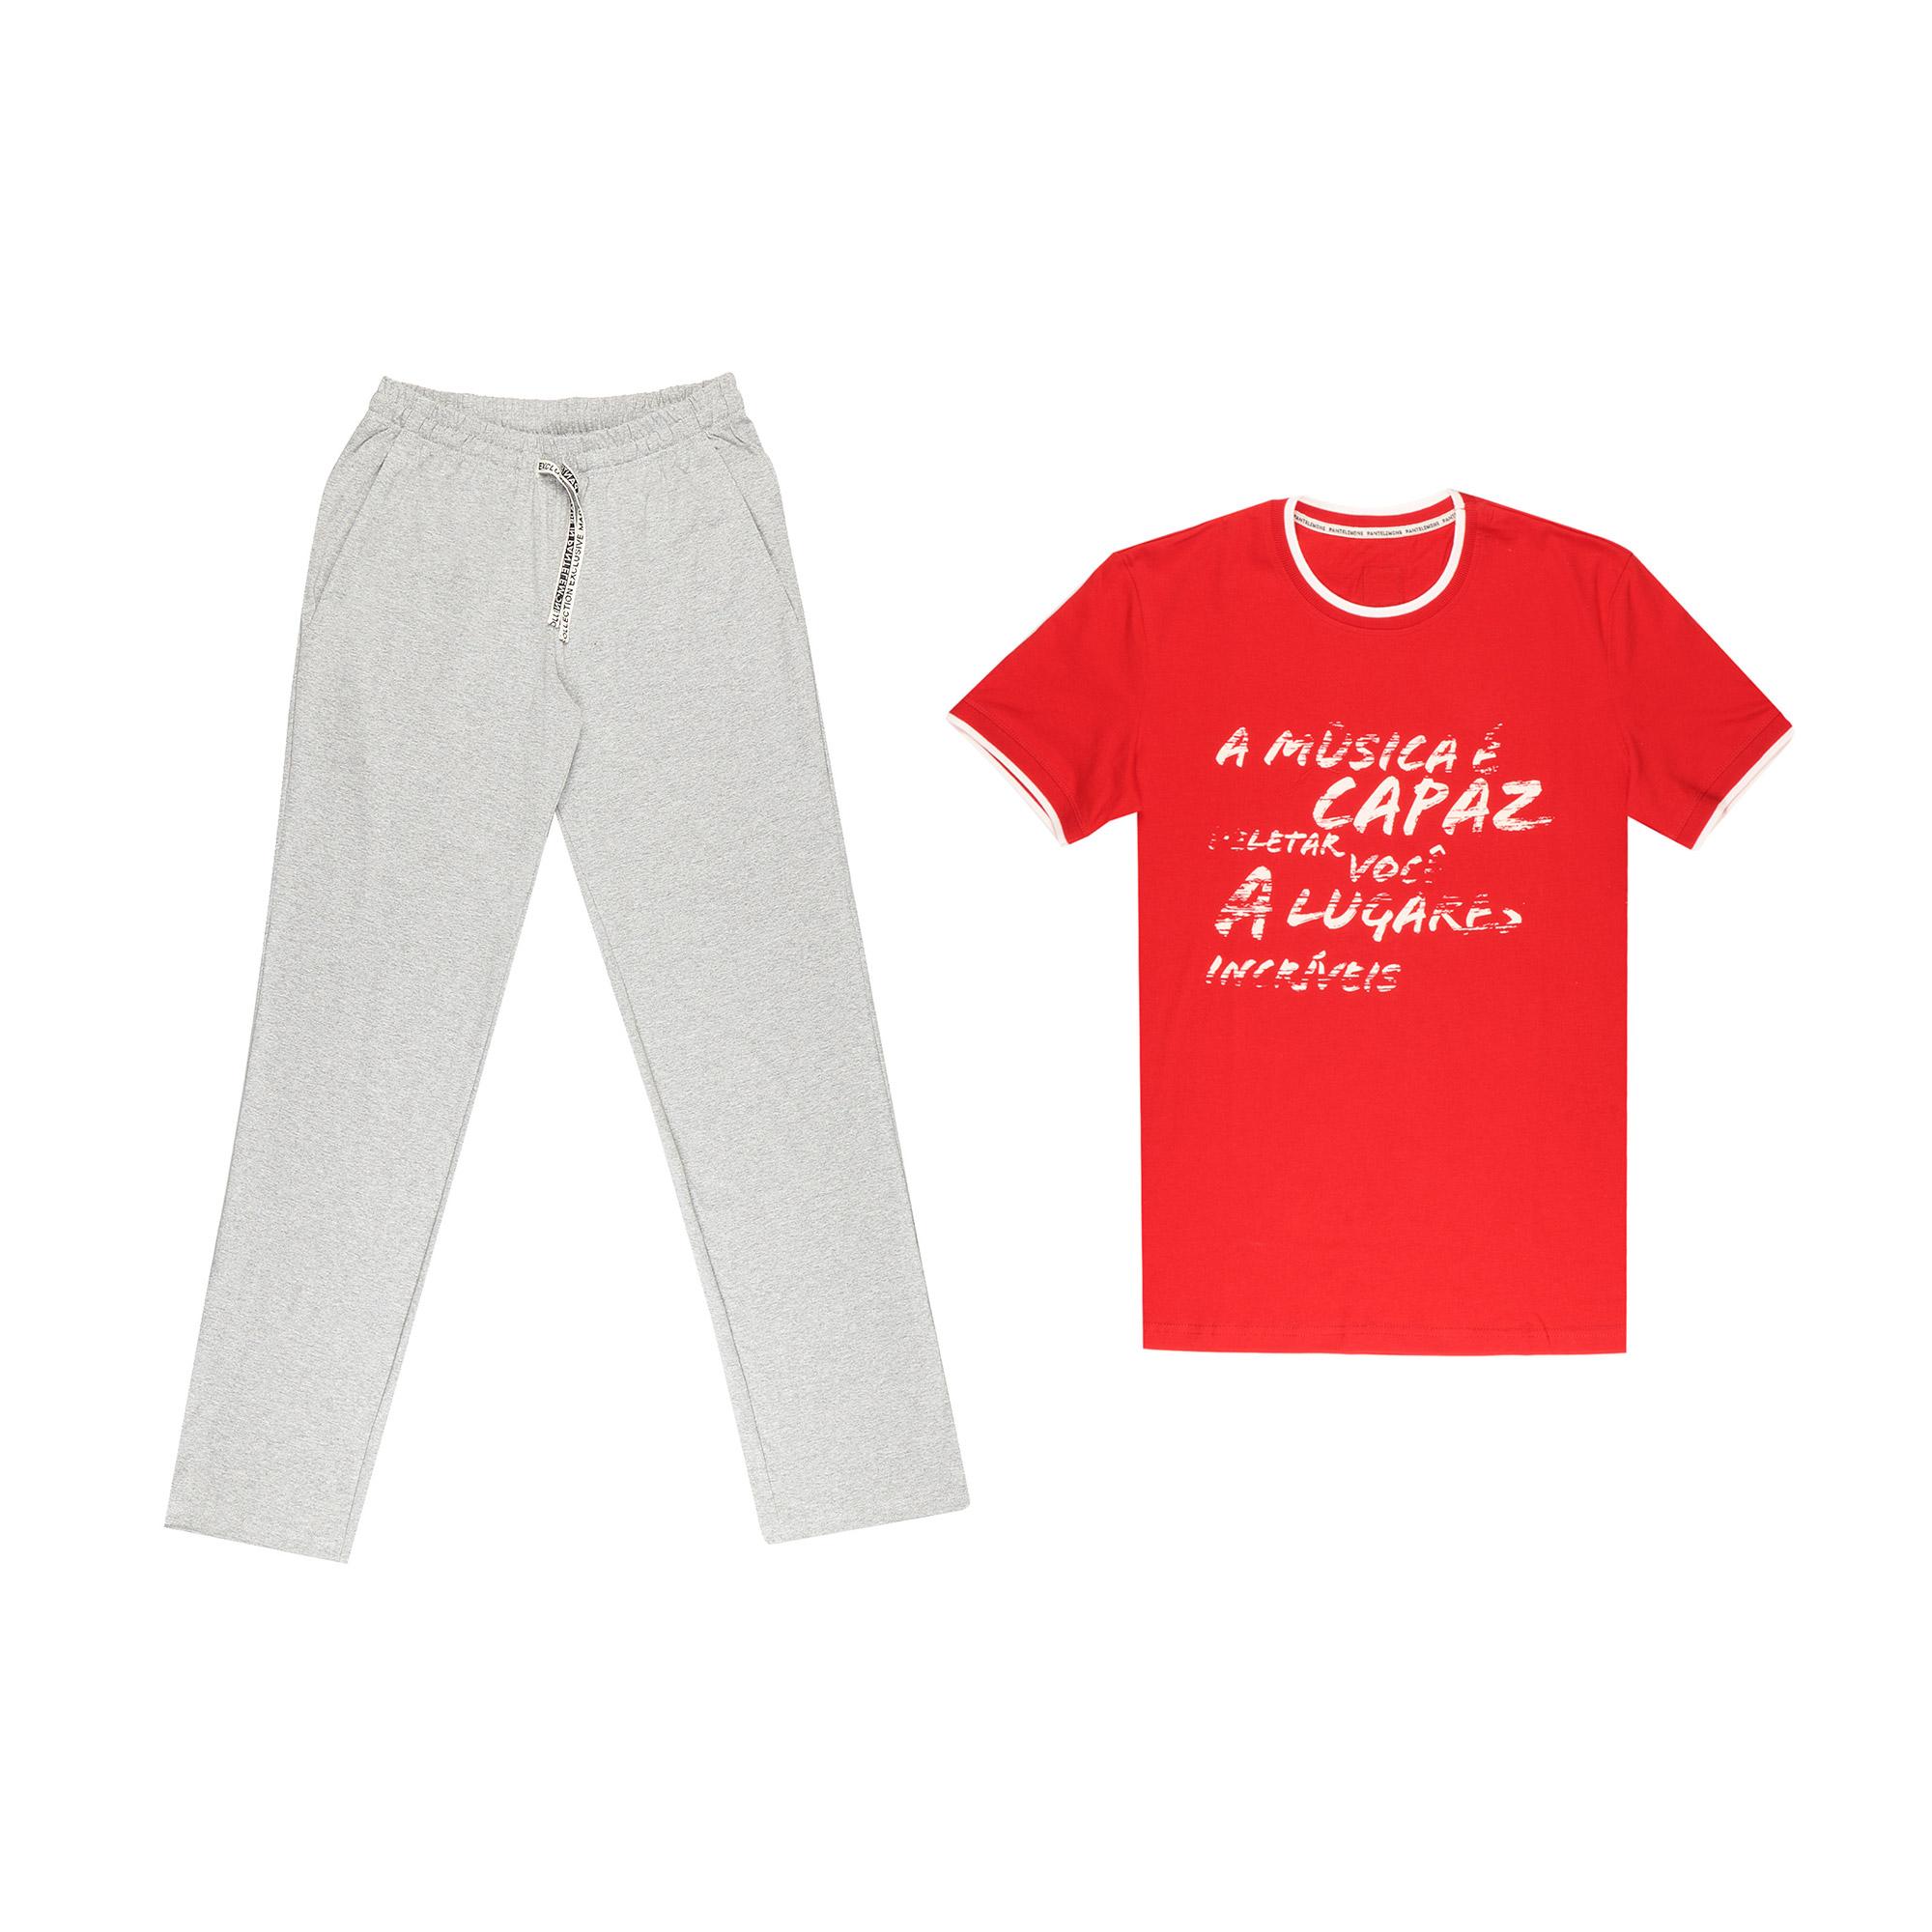 комплект домашний мужской vienetta s secret league капри футболка цвет сапфировый 711124 3286 размер 50 xl Домашний мужской комплект Pantelemone PDK-220 серо-красный 50